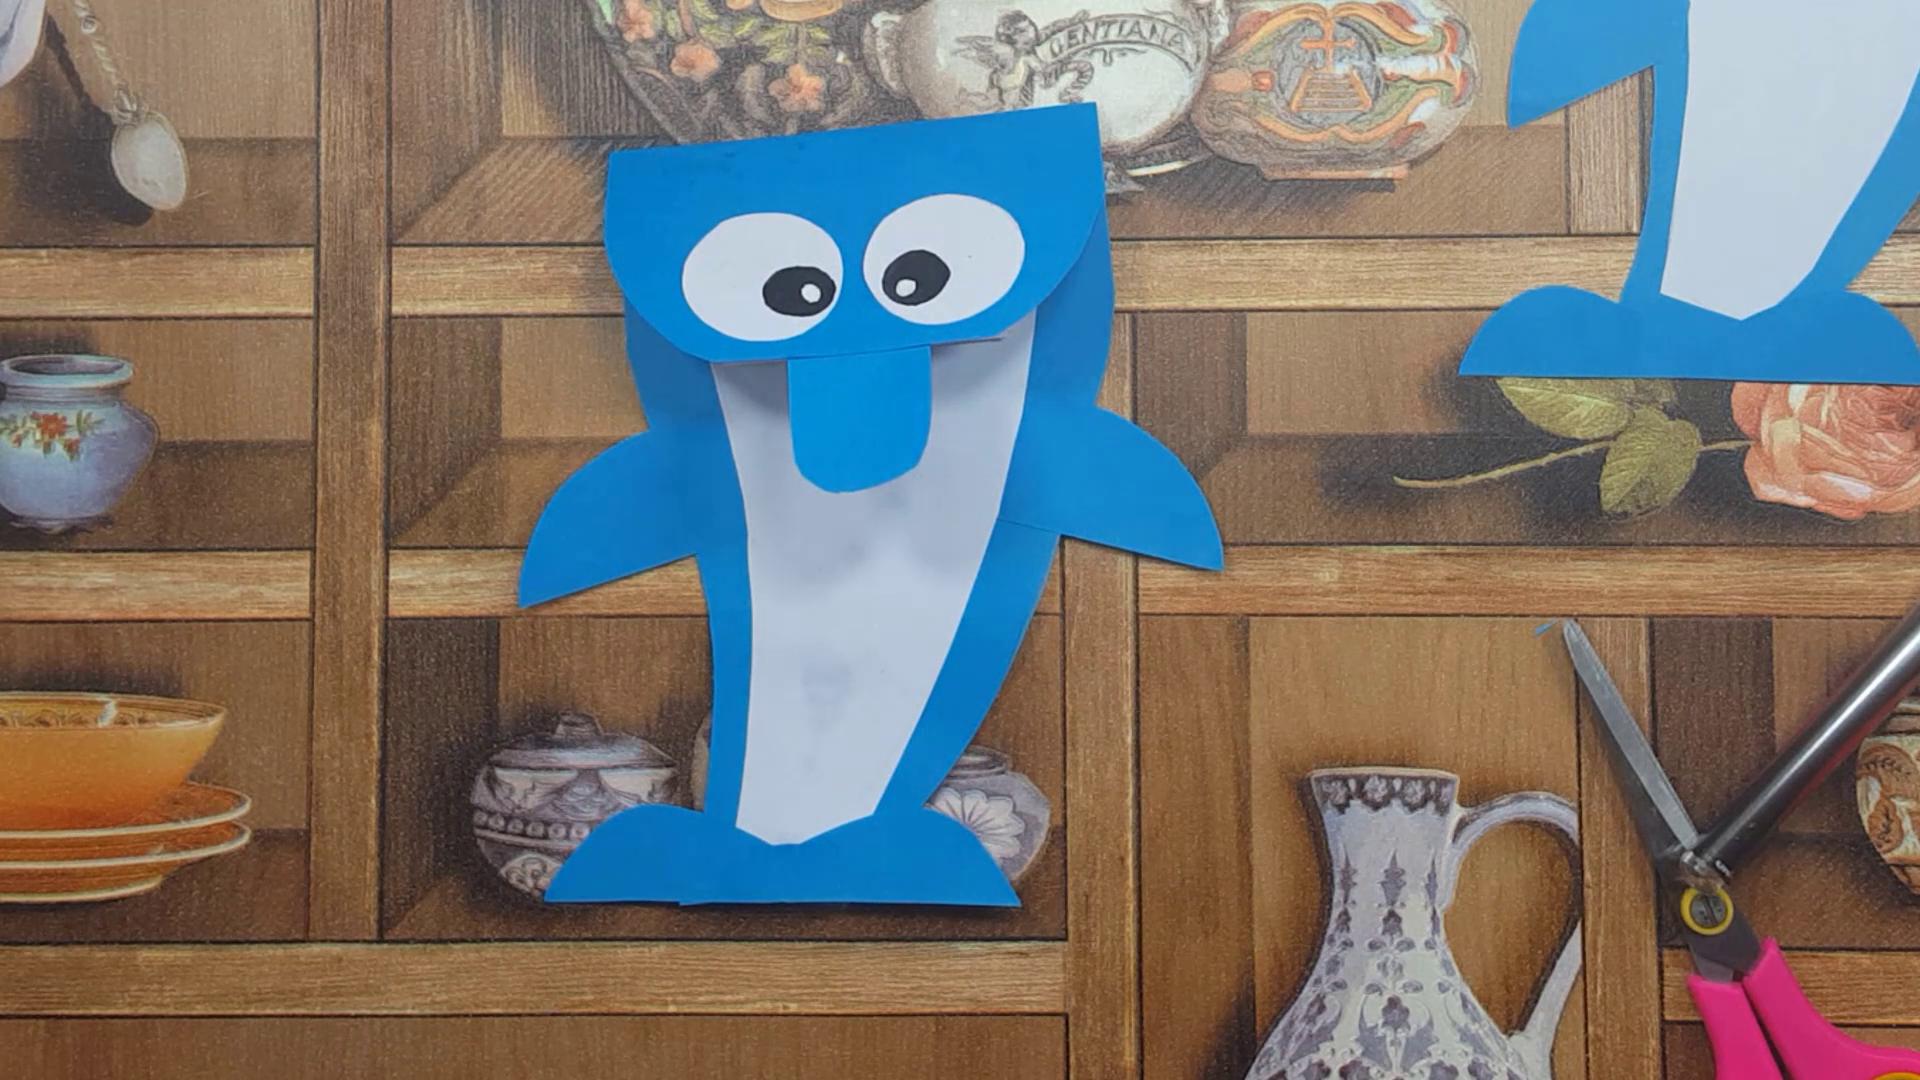 طريقة صنع كراس بالورق صغير للاطفال على شكل دلفين فكرة مدهشة وسهلة Minions Logos Art